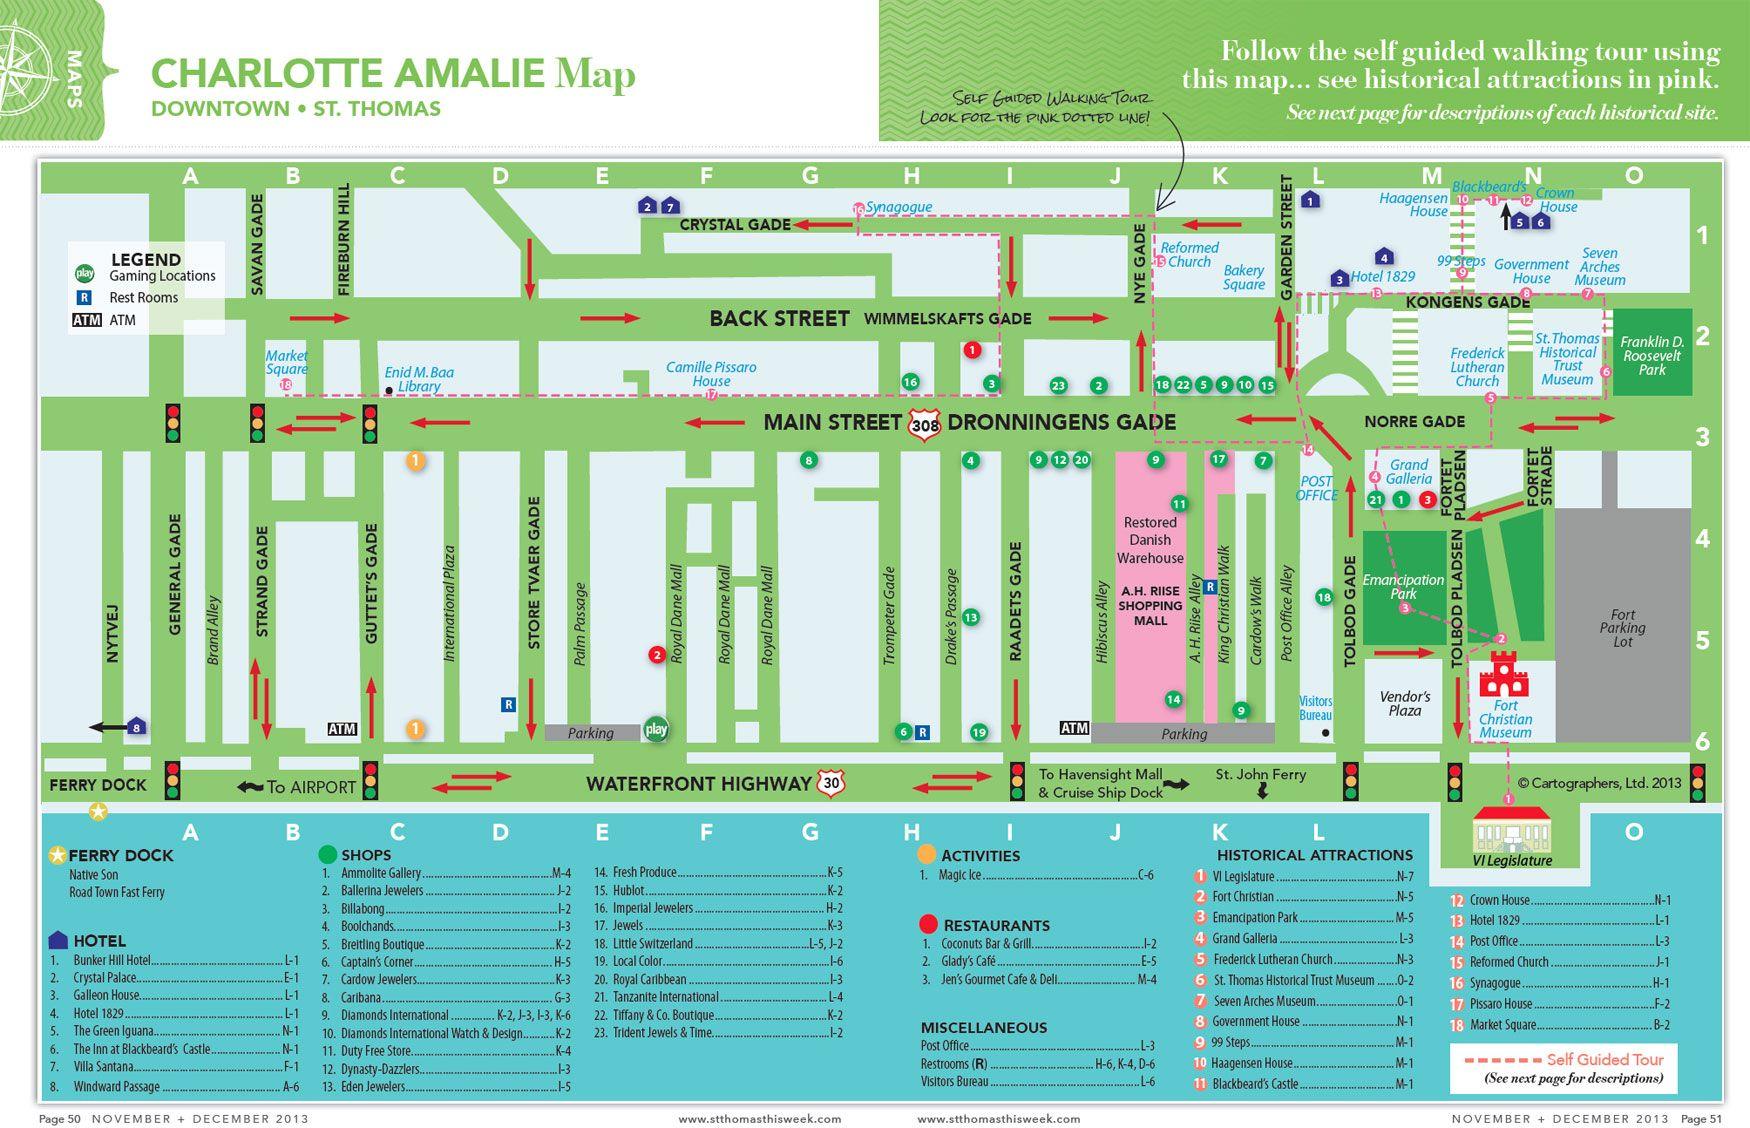 St Thomas Charlotte Amalie Map